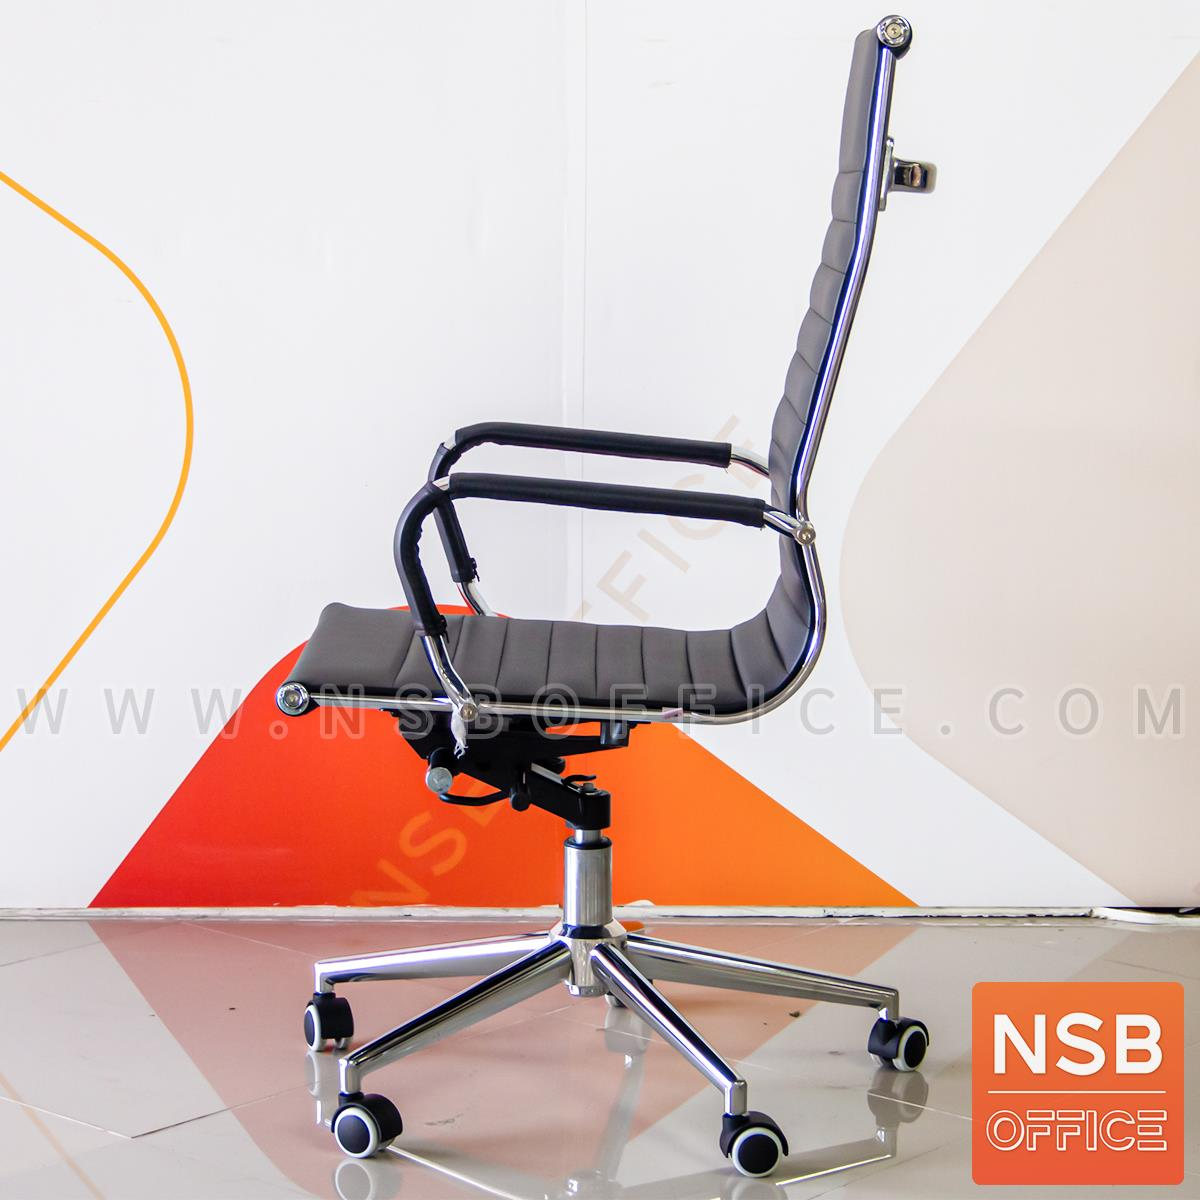 เก้าอี้ผู้บริหาร รุ่น Nairobi (ไนโรบี)  โช๊คแก๊ส ก้อนโยก ขาเหล็กชุบโครเมี่ยม